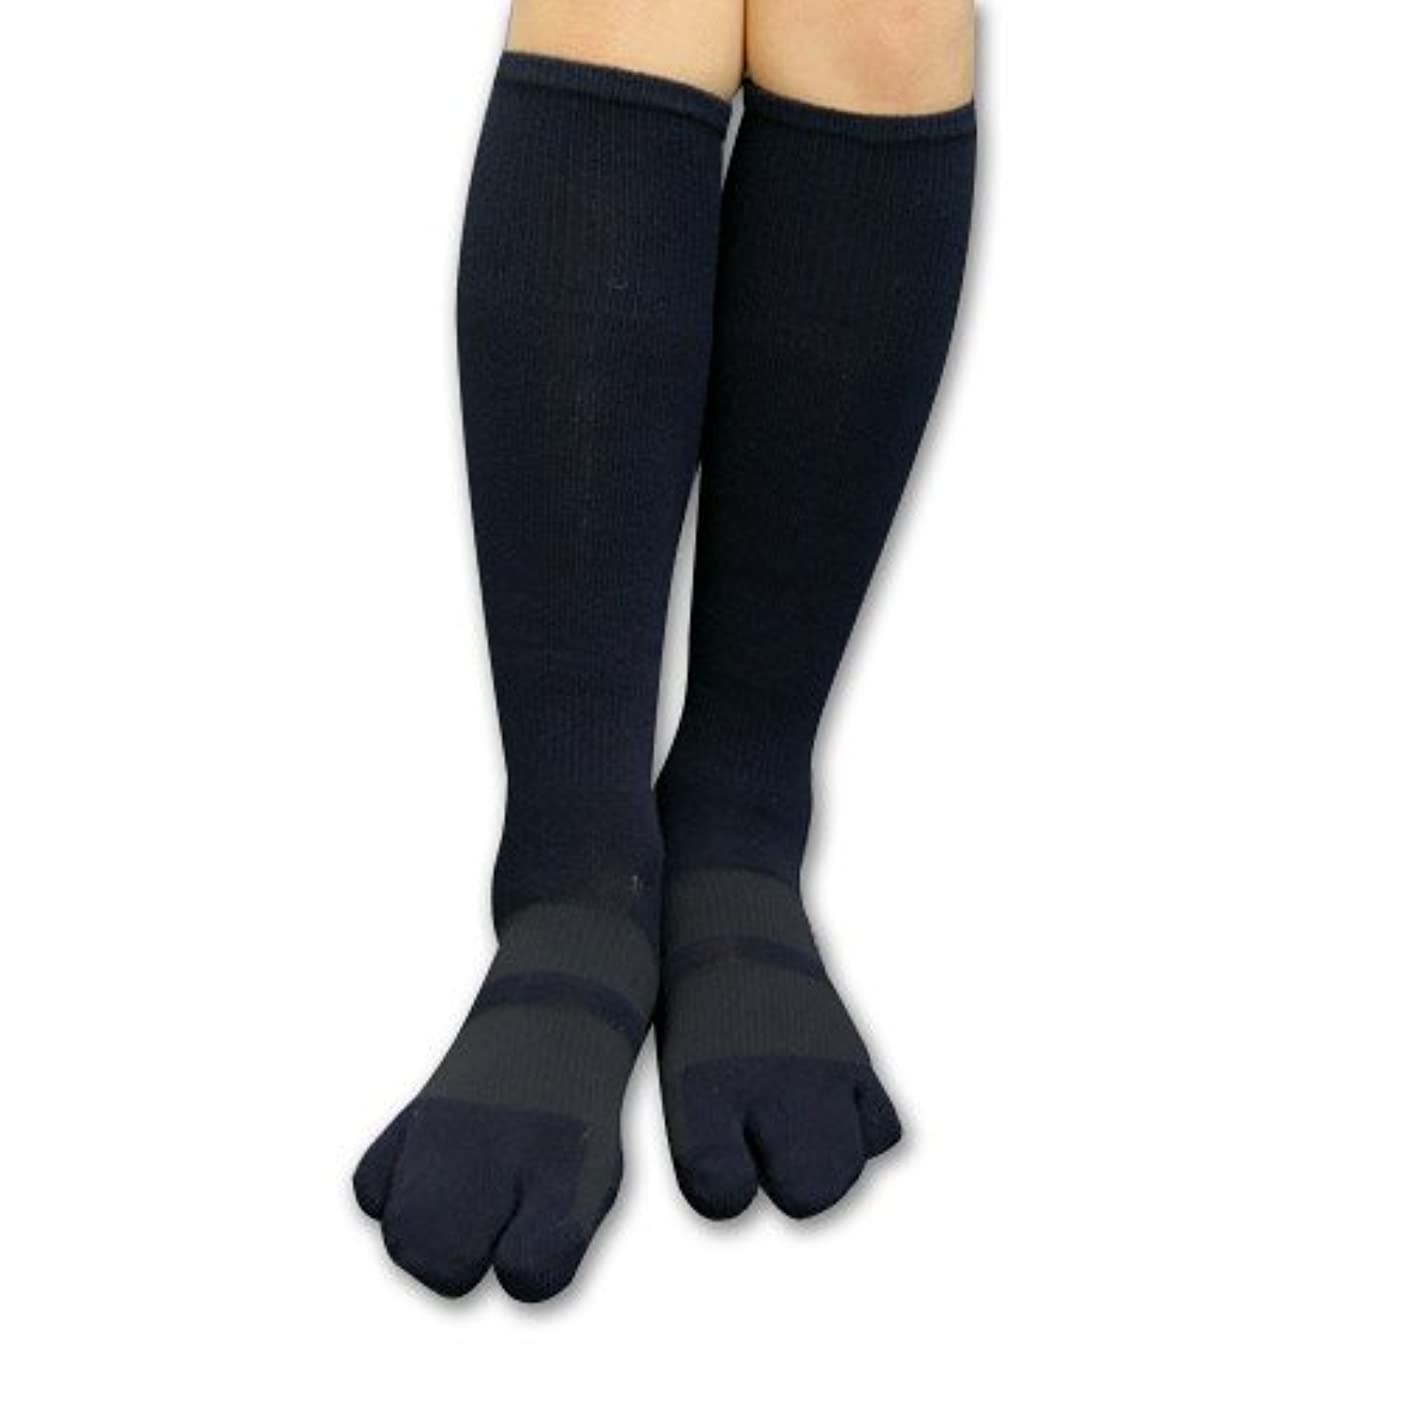 出くわす杭日の出カサハラ外反母趾?浮き指対策 歩行矯正ロングテーピング3本指靴下 (L(24-26cm))